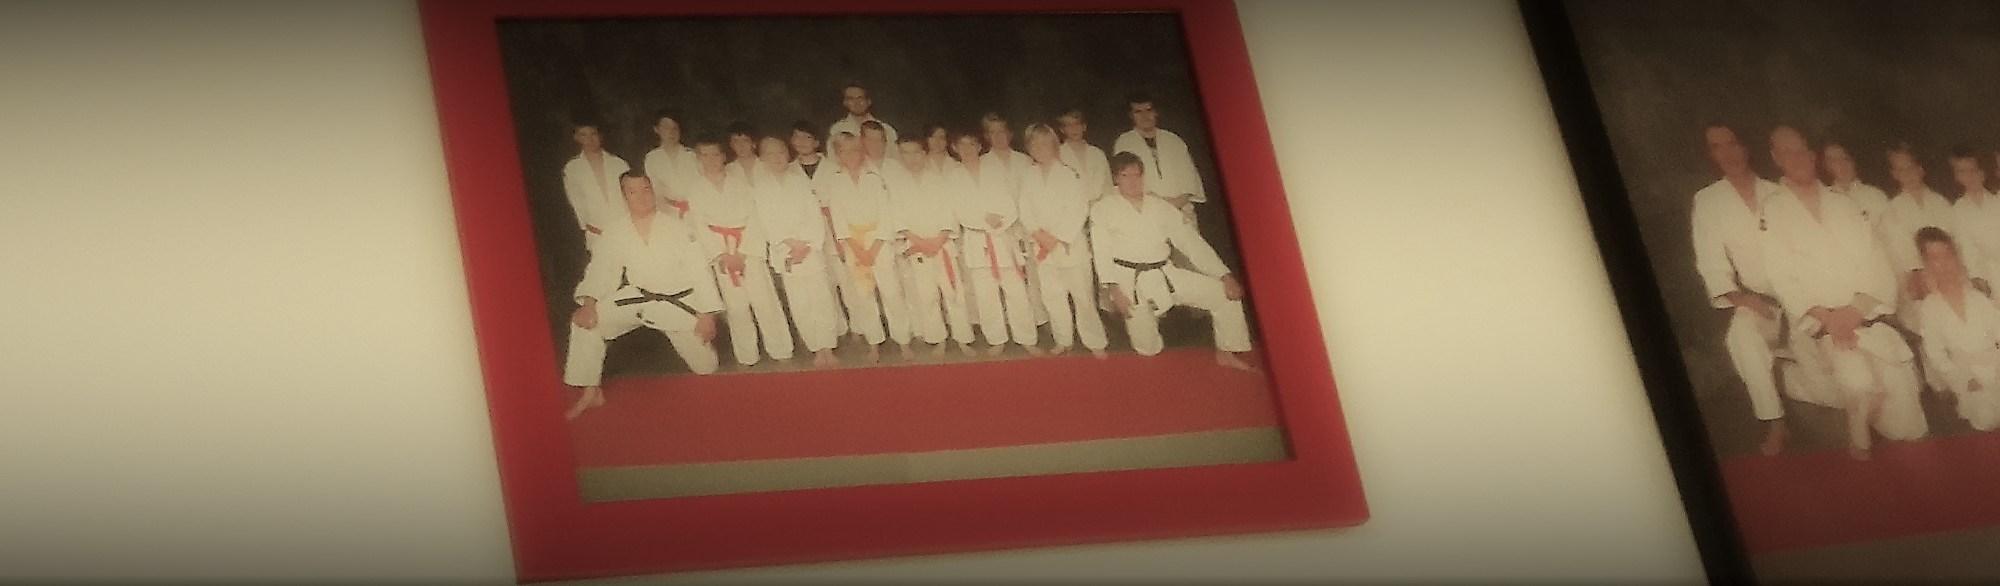 Tauluja Shinrain judoryhmistä.